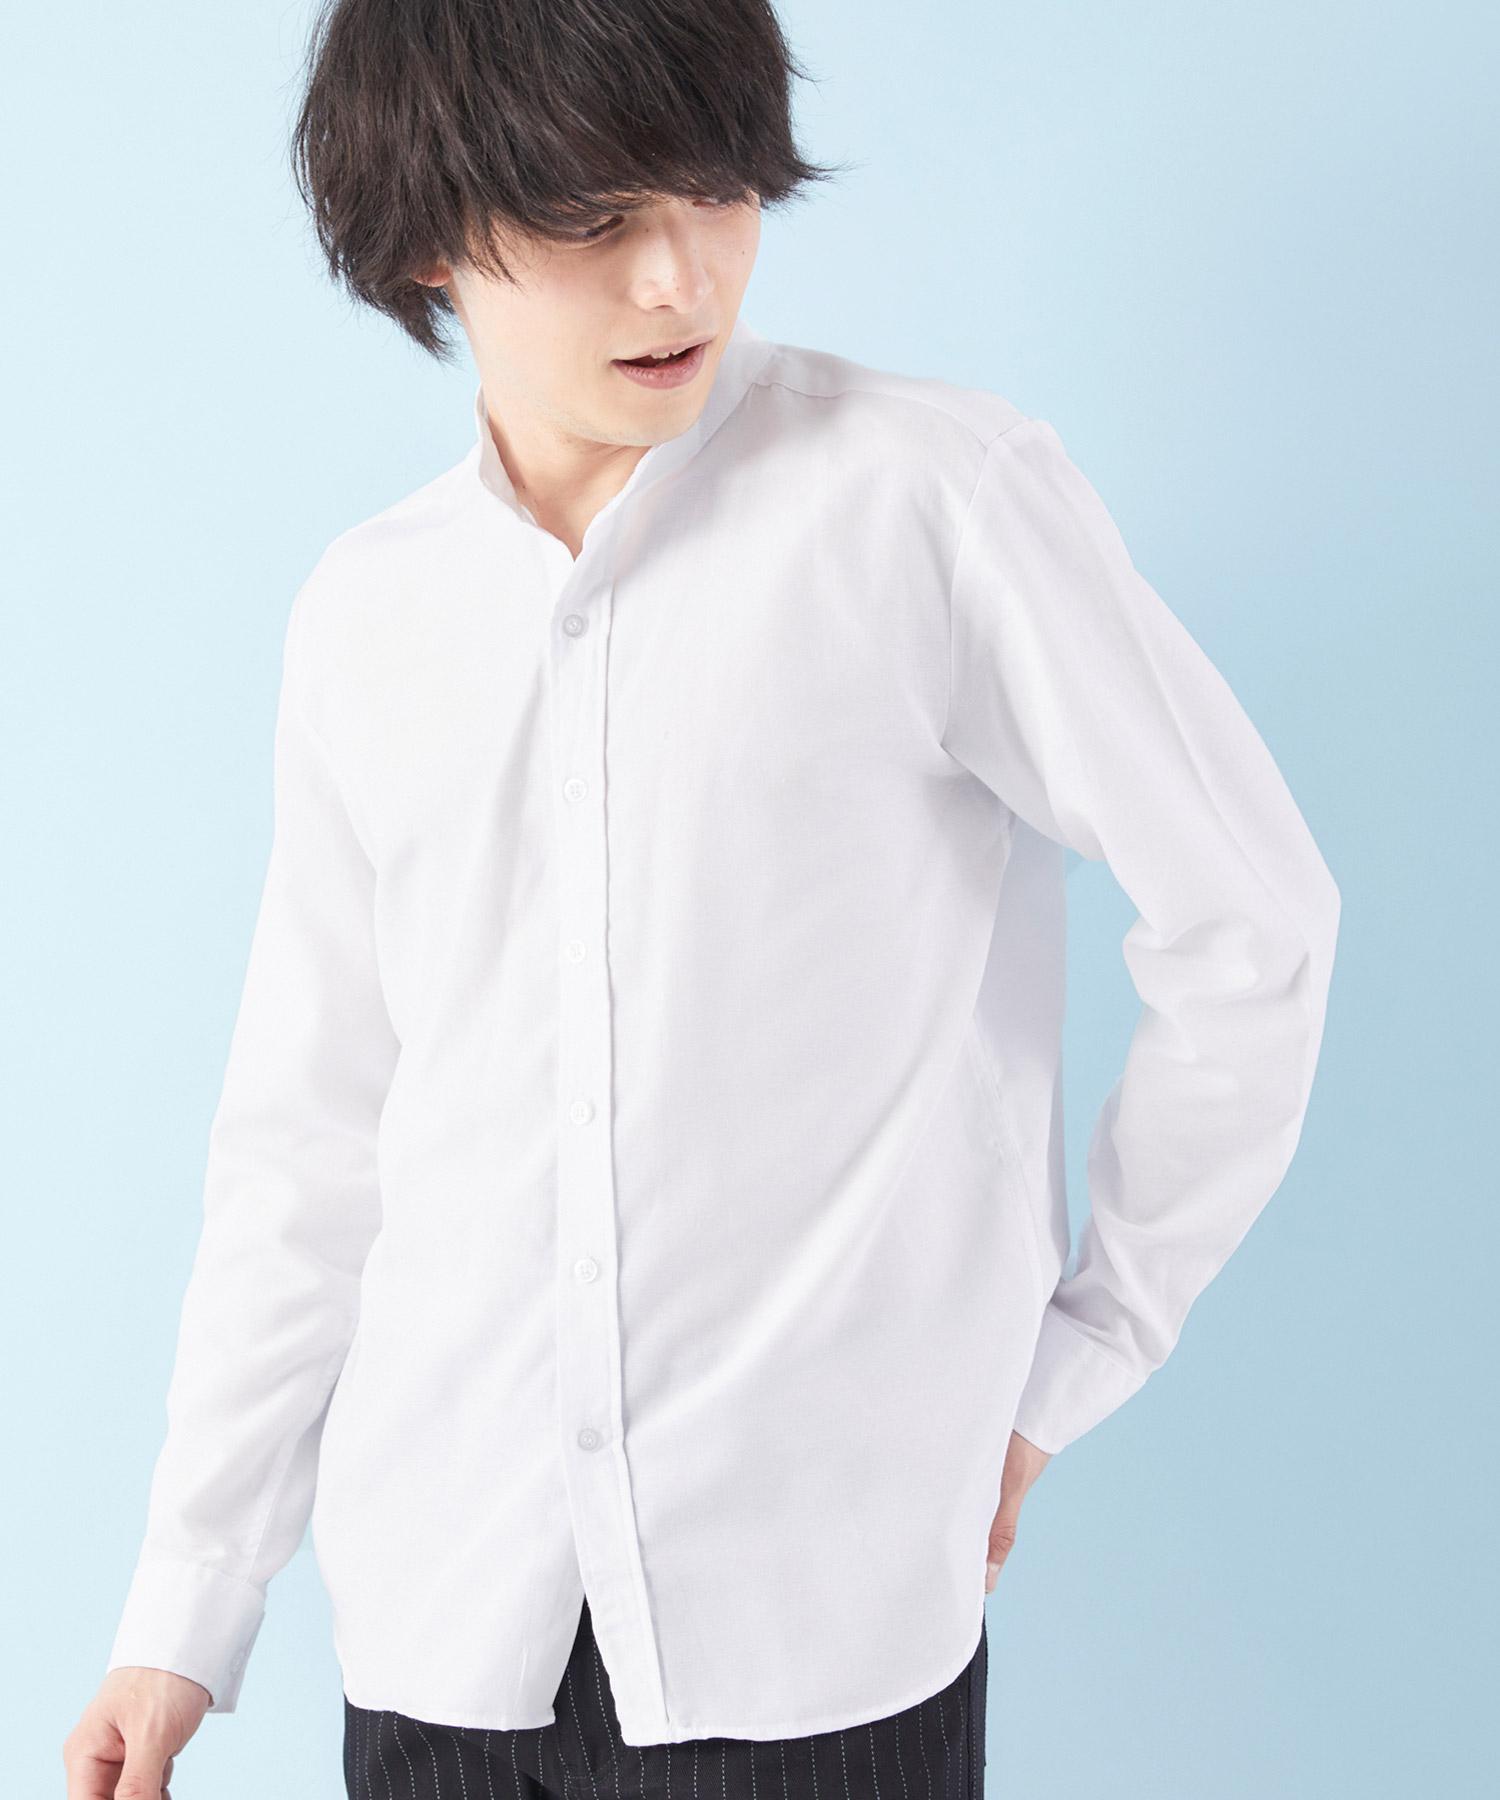 オックスフォードバンドカラーシャツ L/S